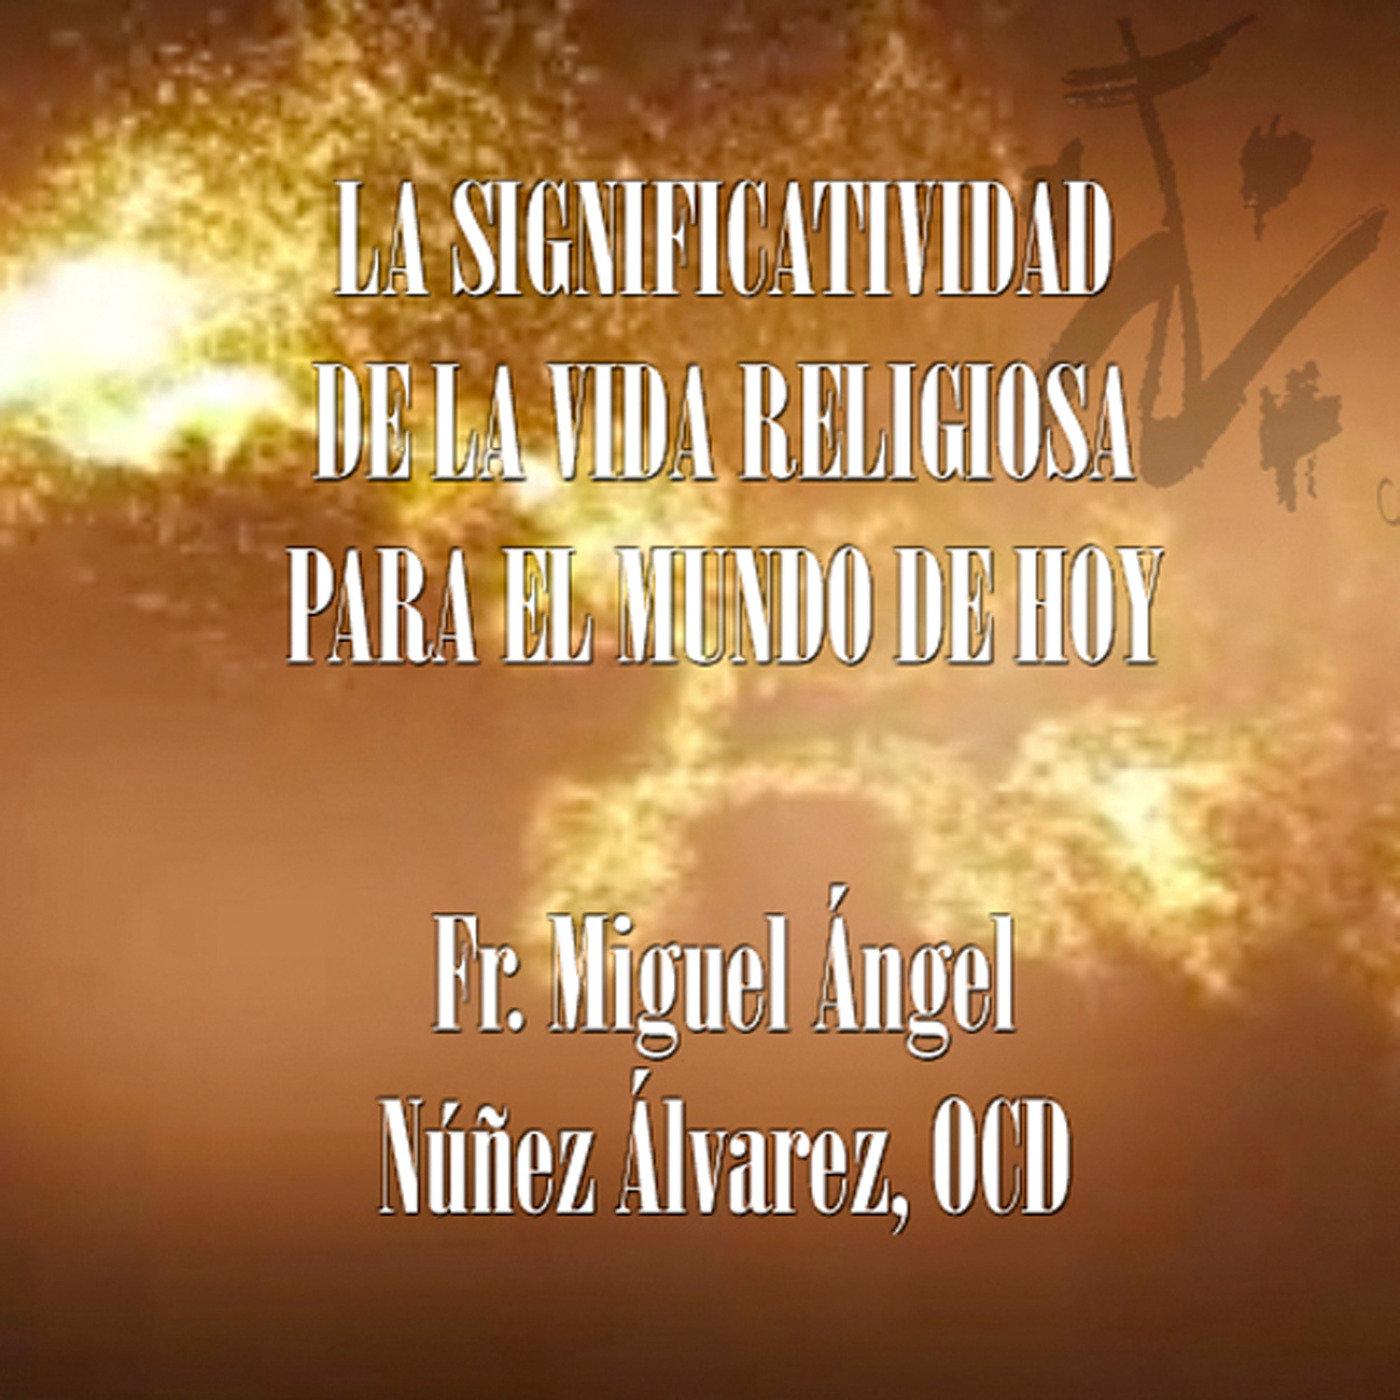 <![CDATA[Significatividad - Miguel Ángel Núñez Álvarez, OCD]]>